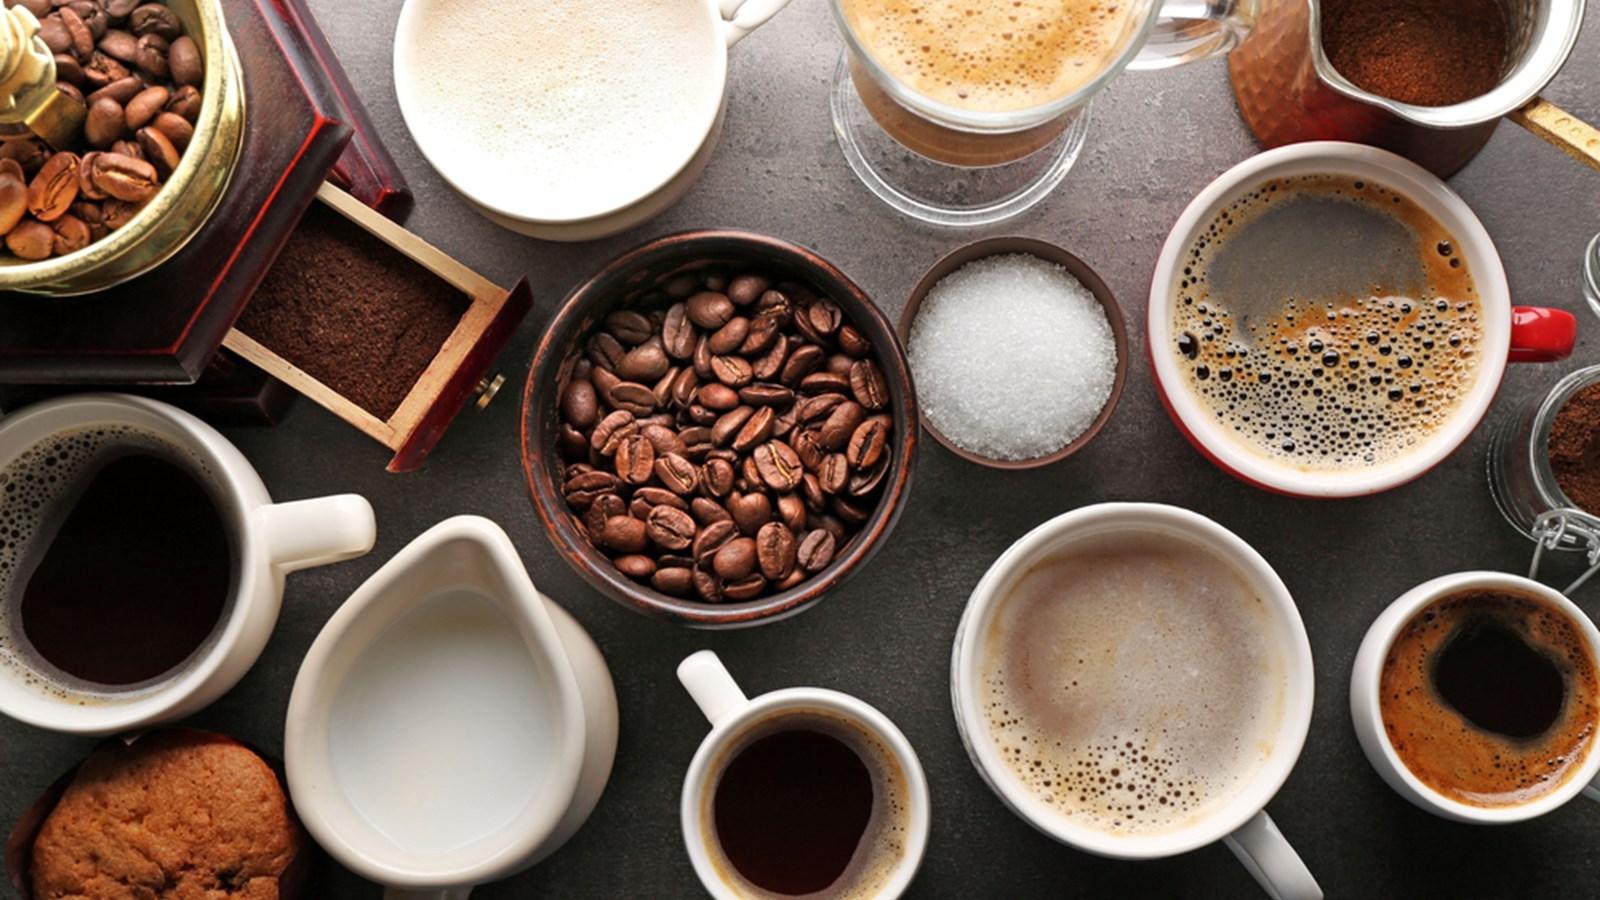 أهم أسماء القهوة العربية ومسميات القهوة حول العالم 2021